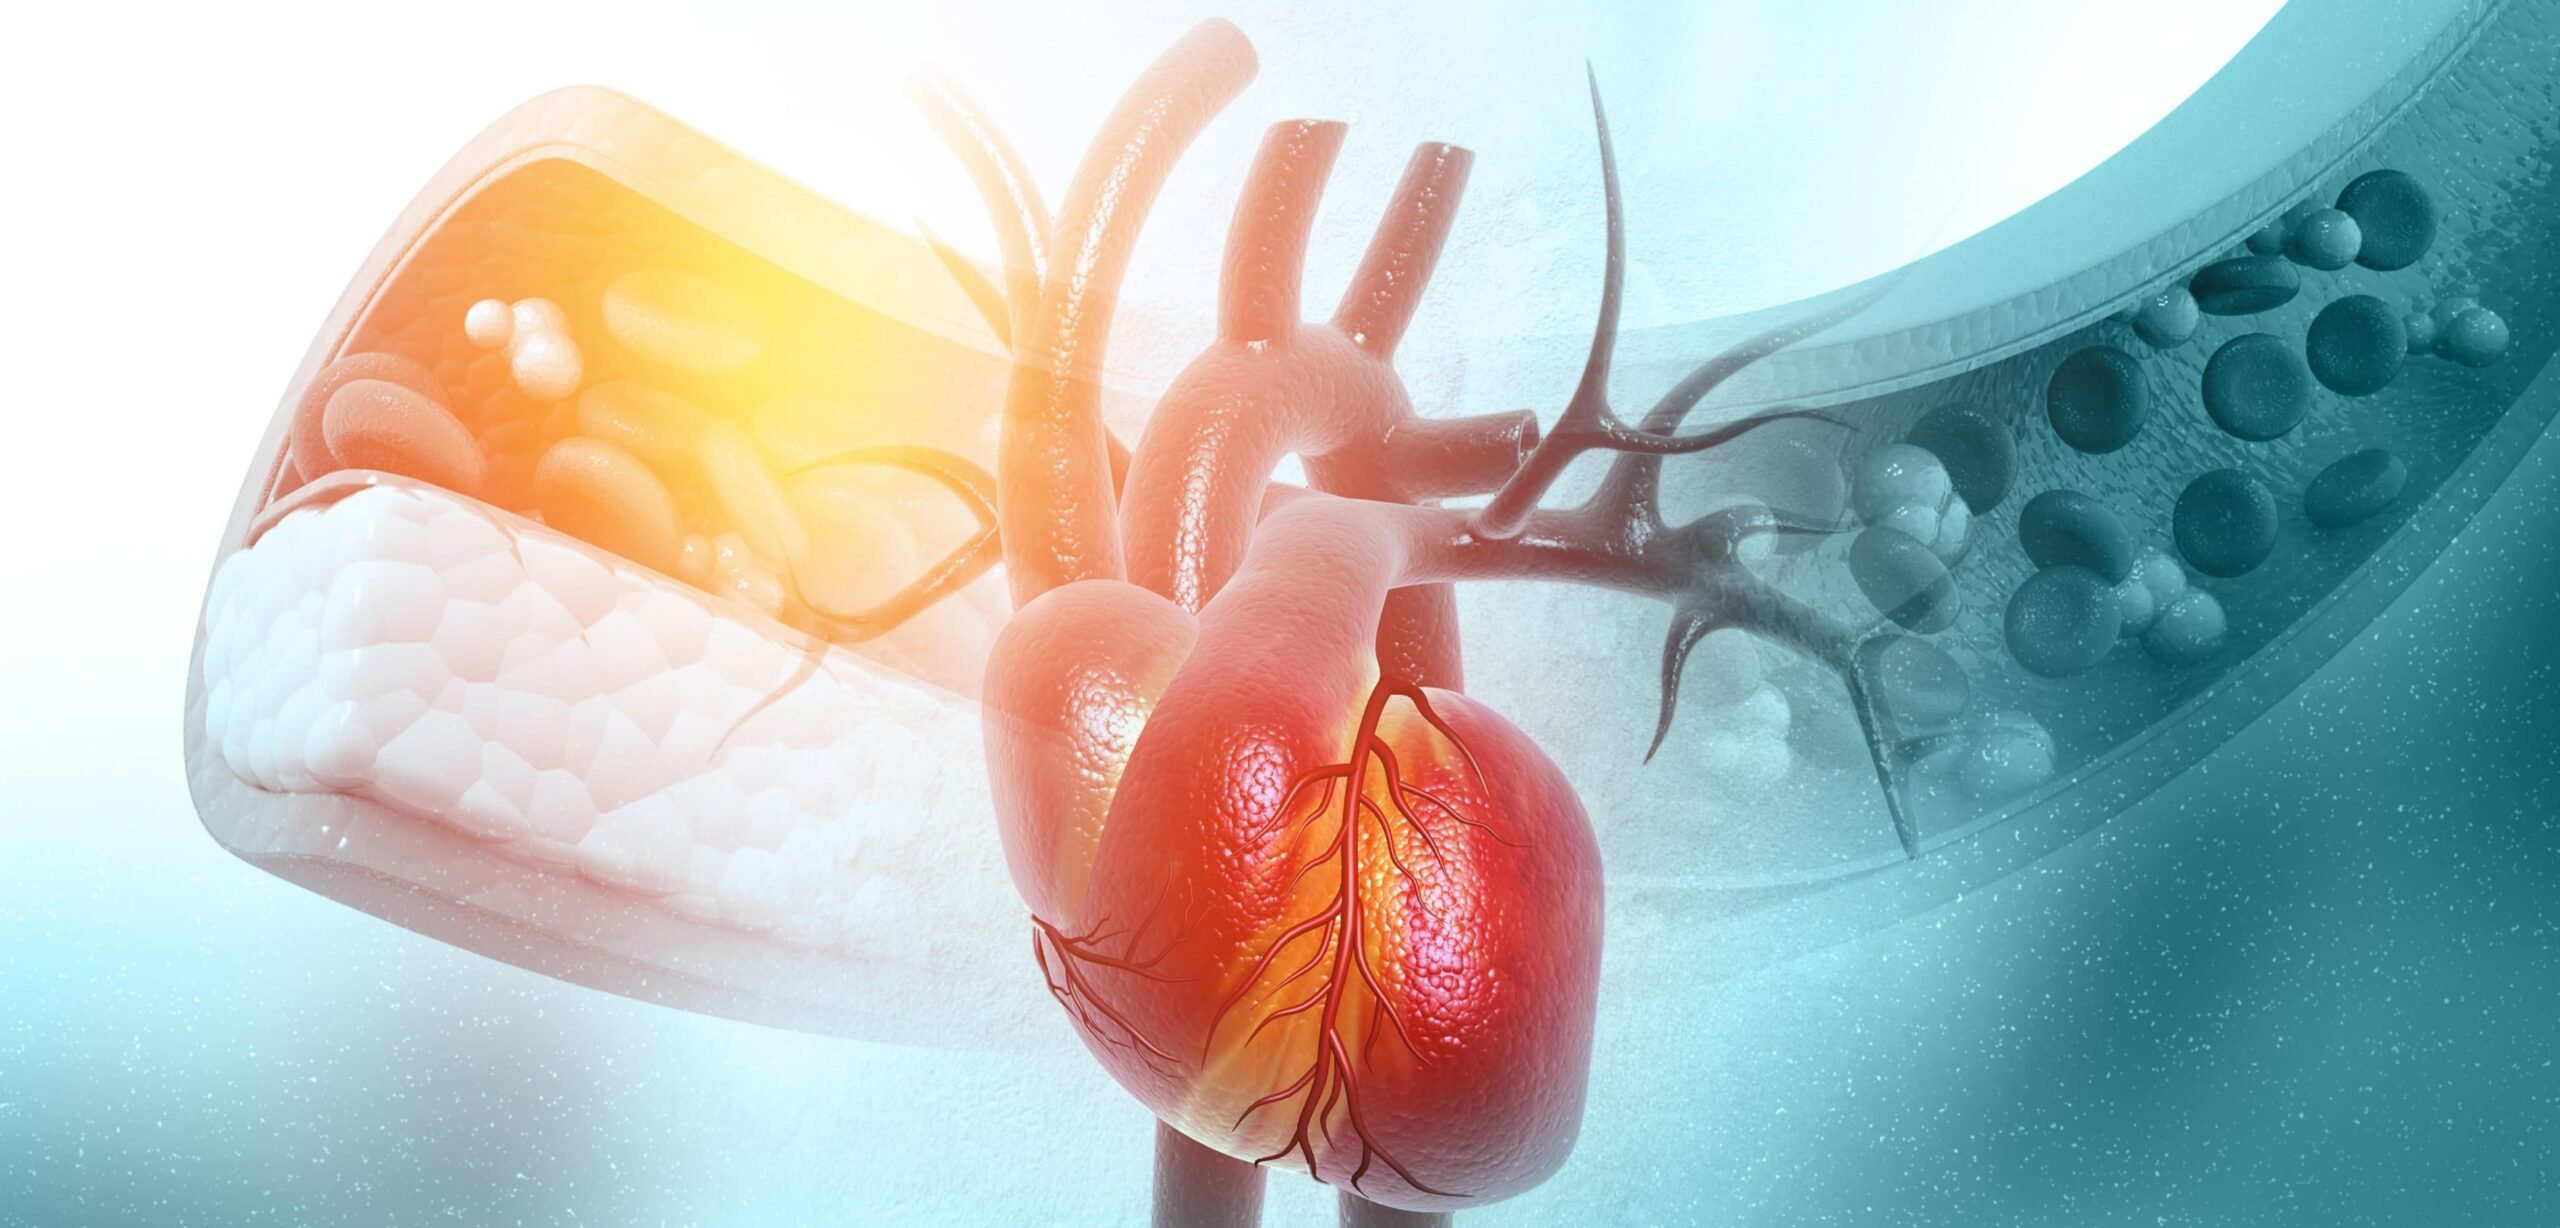 colesterolo e grassi buoni nella dieta